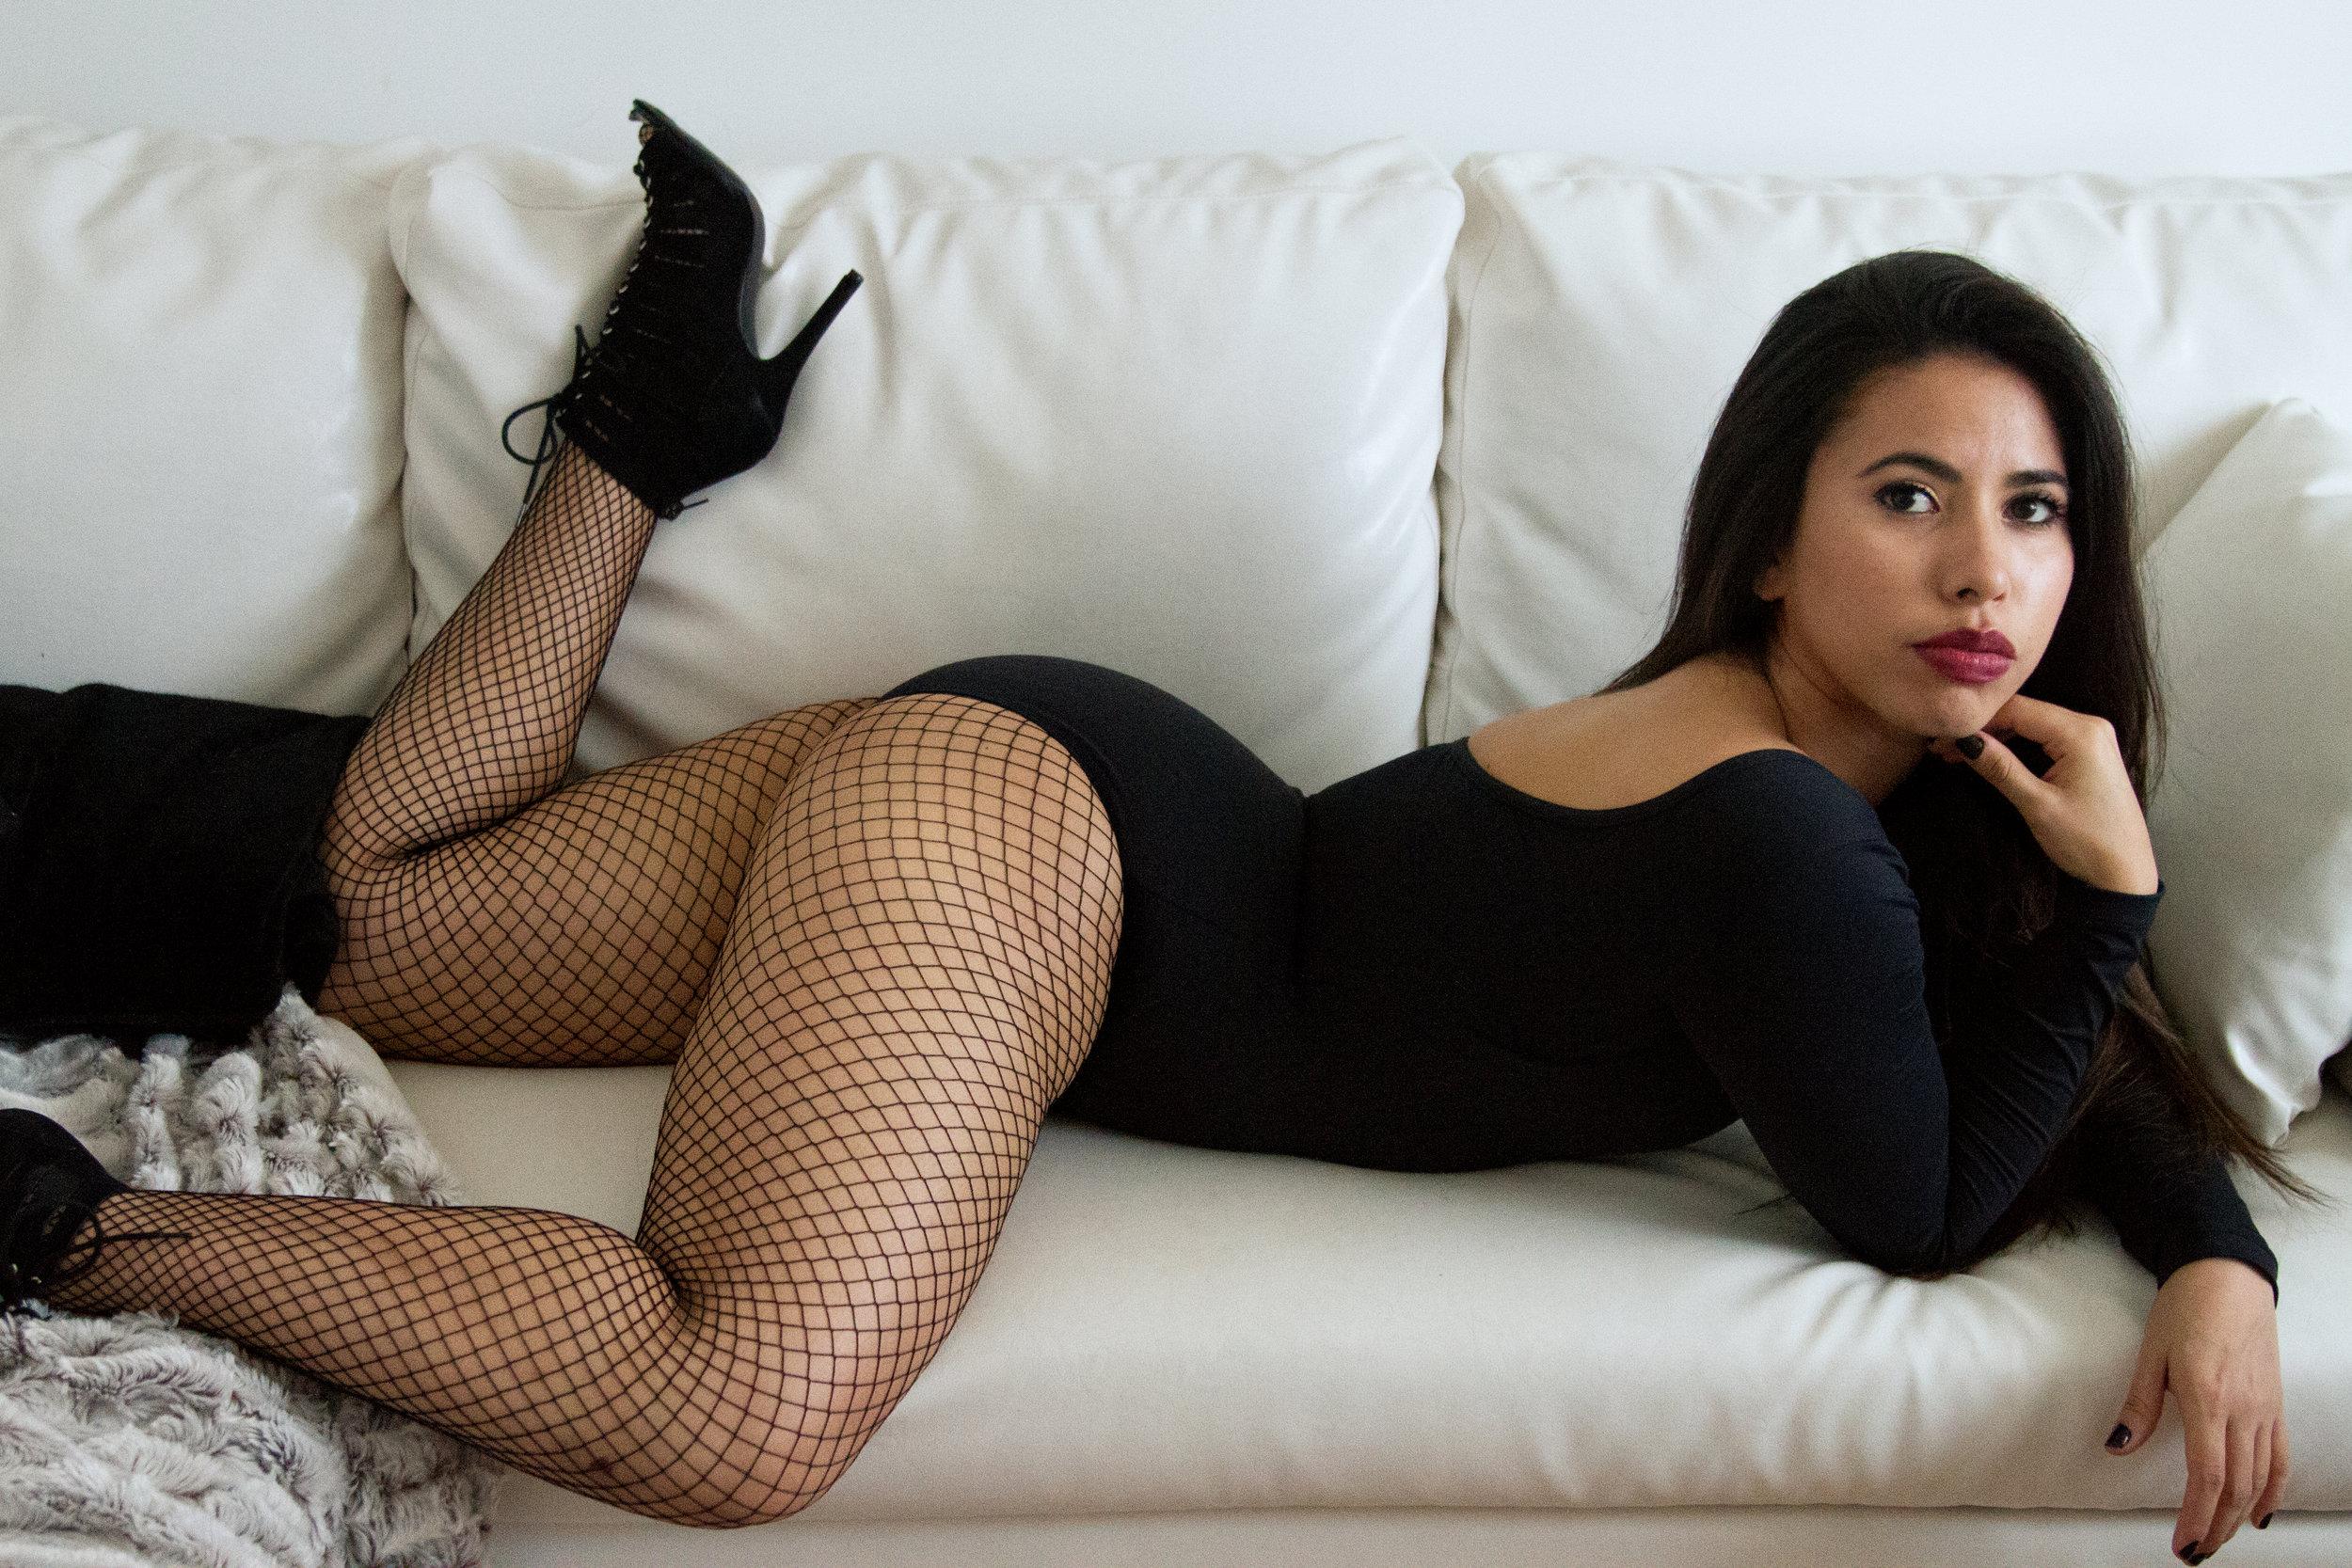 Isabel Garzaro